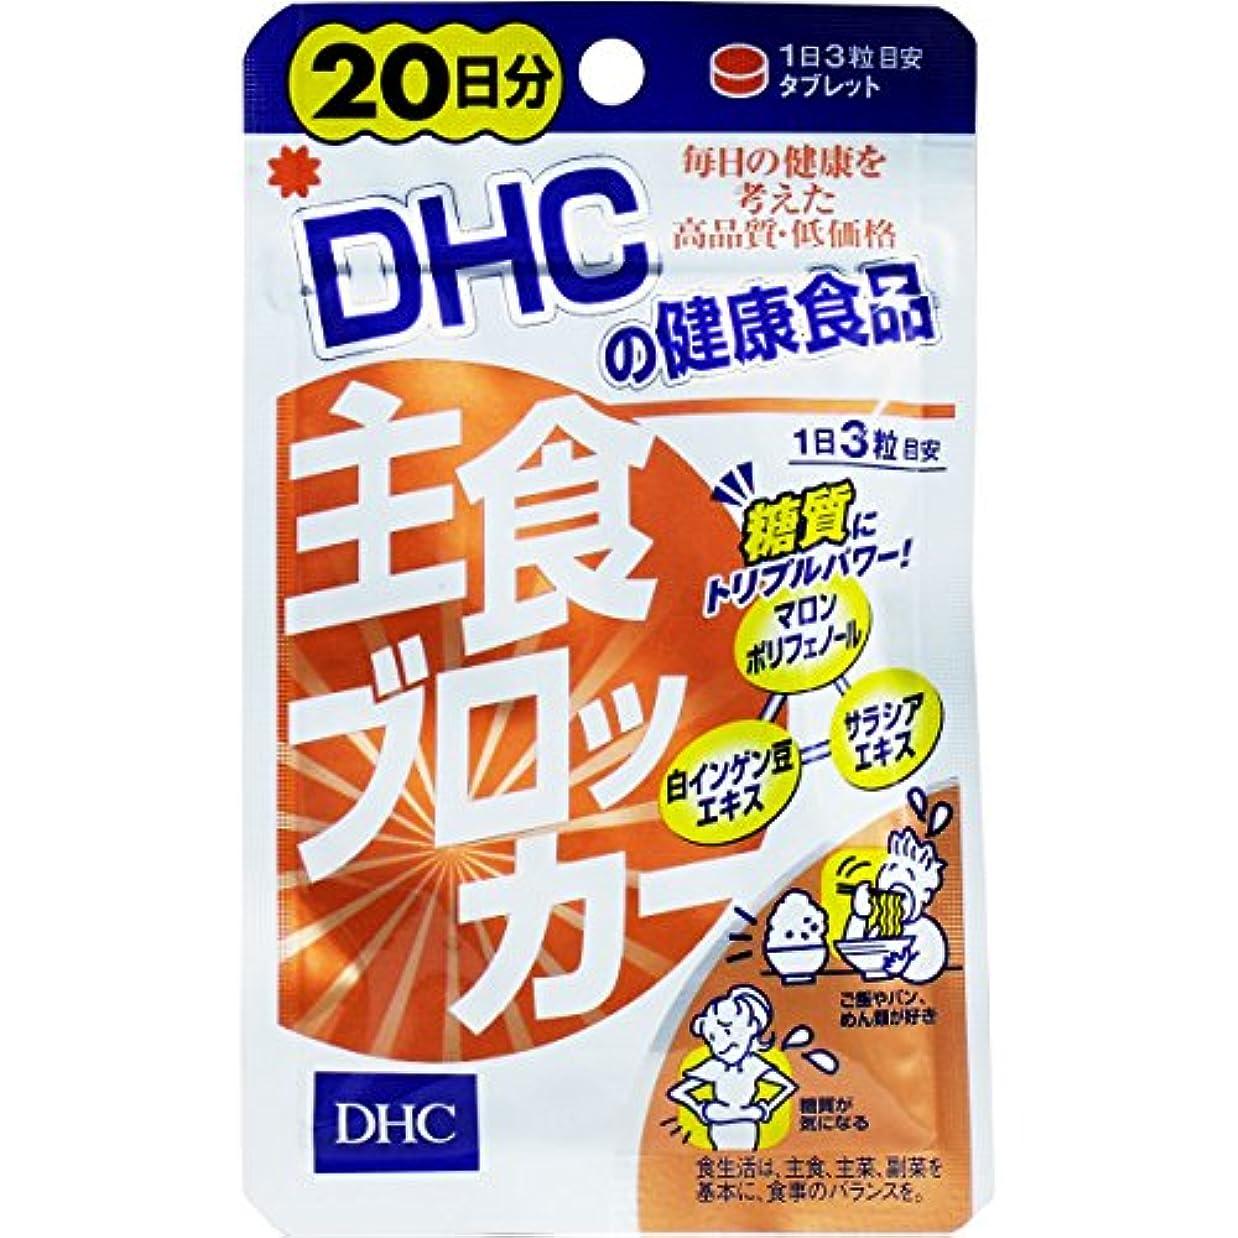 地味なパッケージ消毒するダイエット トリプルパワーでため込み対策 栄養機能食品 DHC 主食ブロッカー 20日分 60粒入【2個セット】